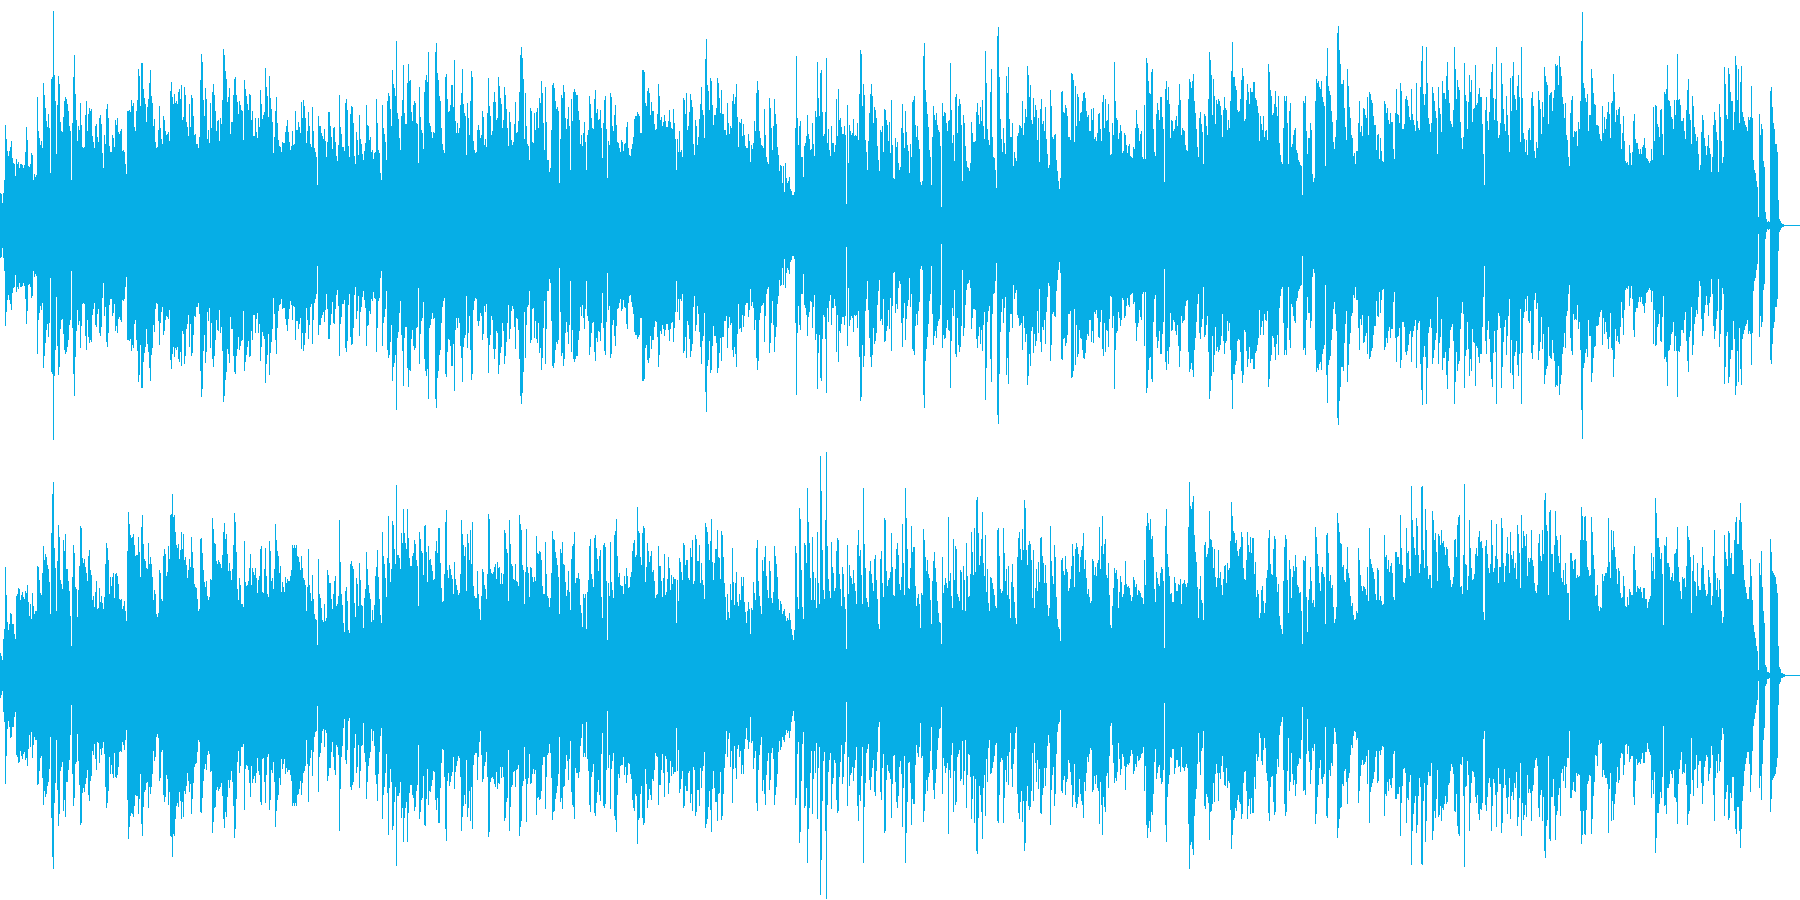 サスペンスのエンディング風ジャズの再生済みの波形